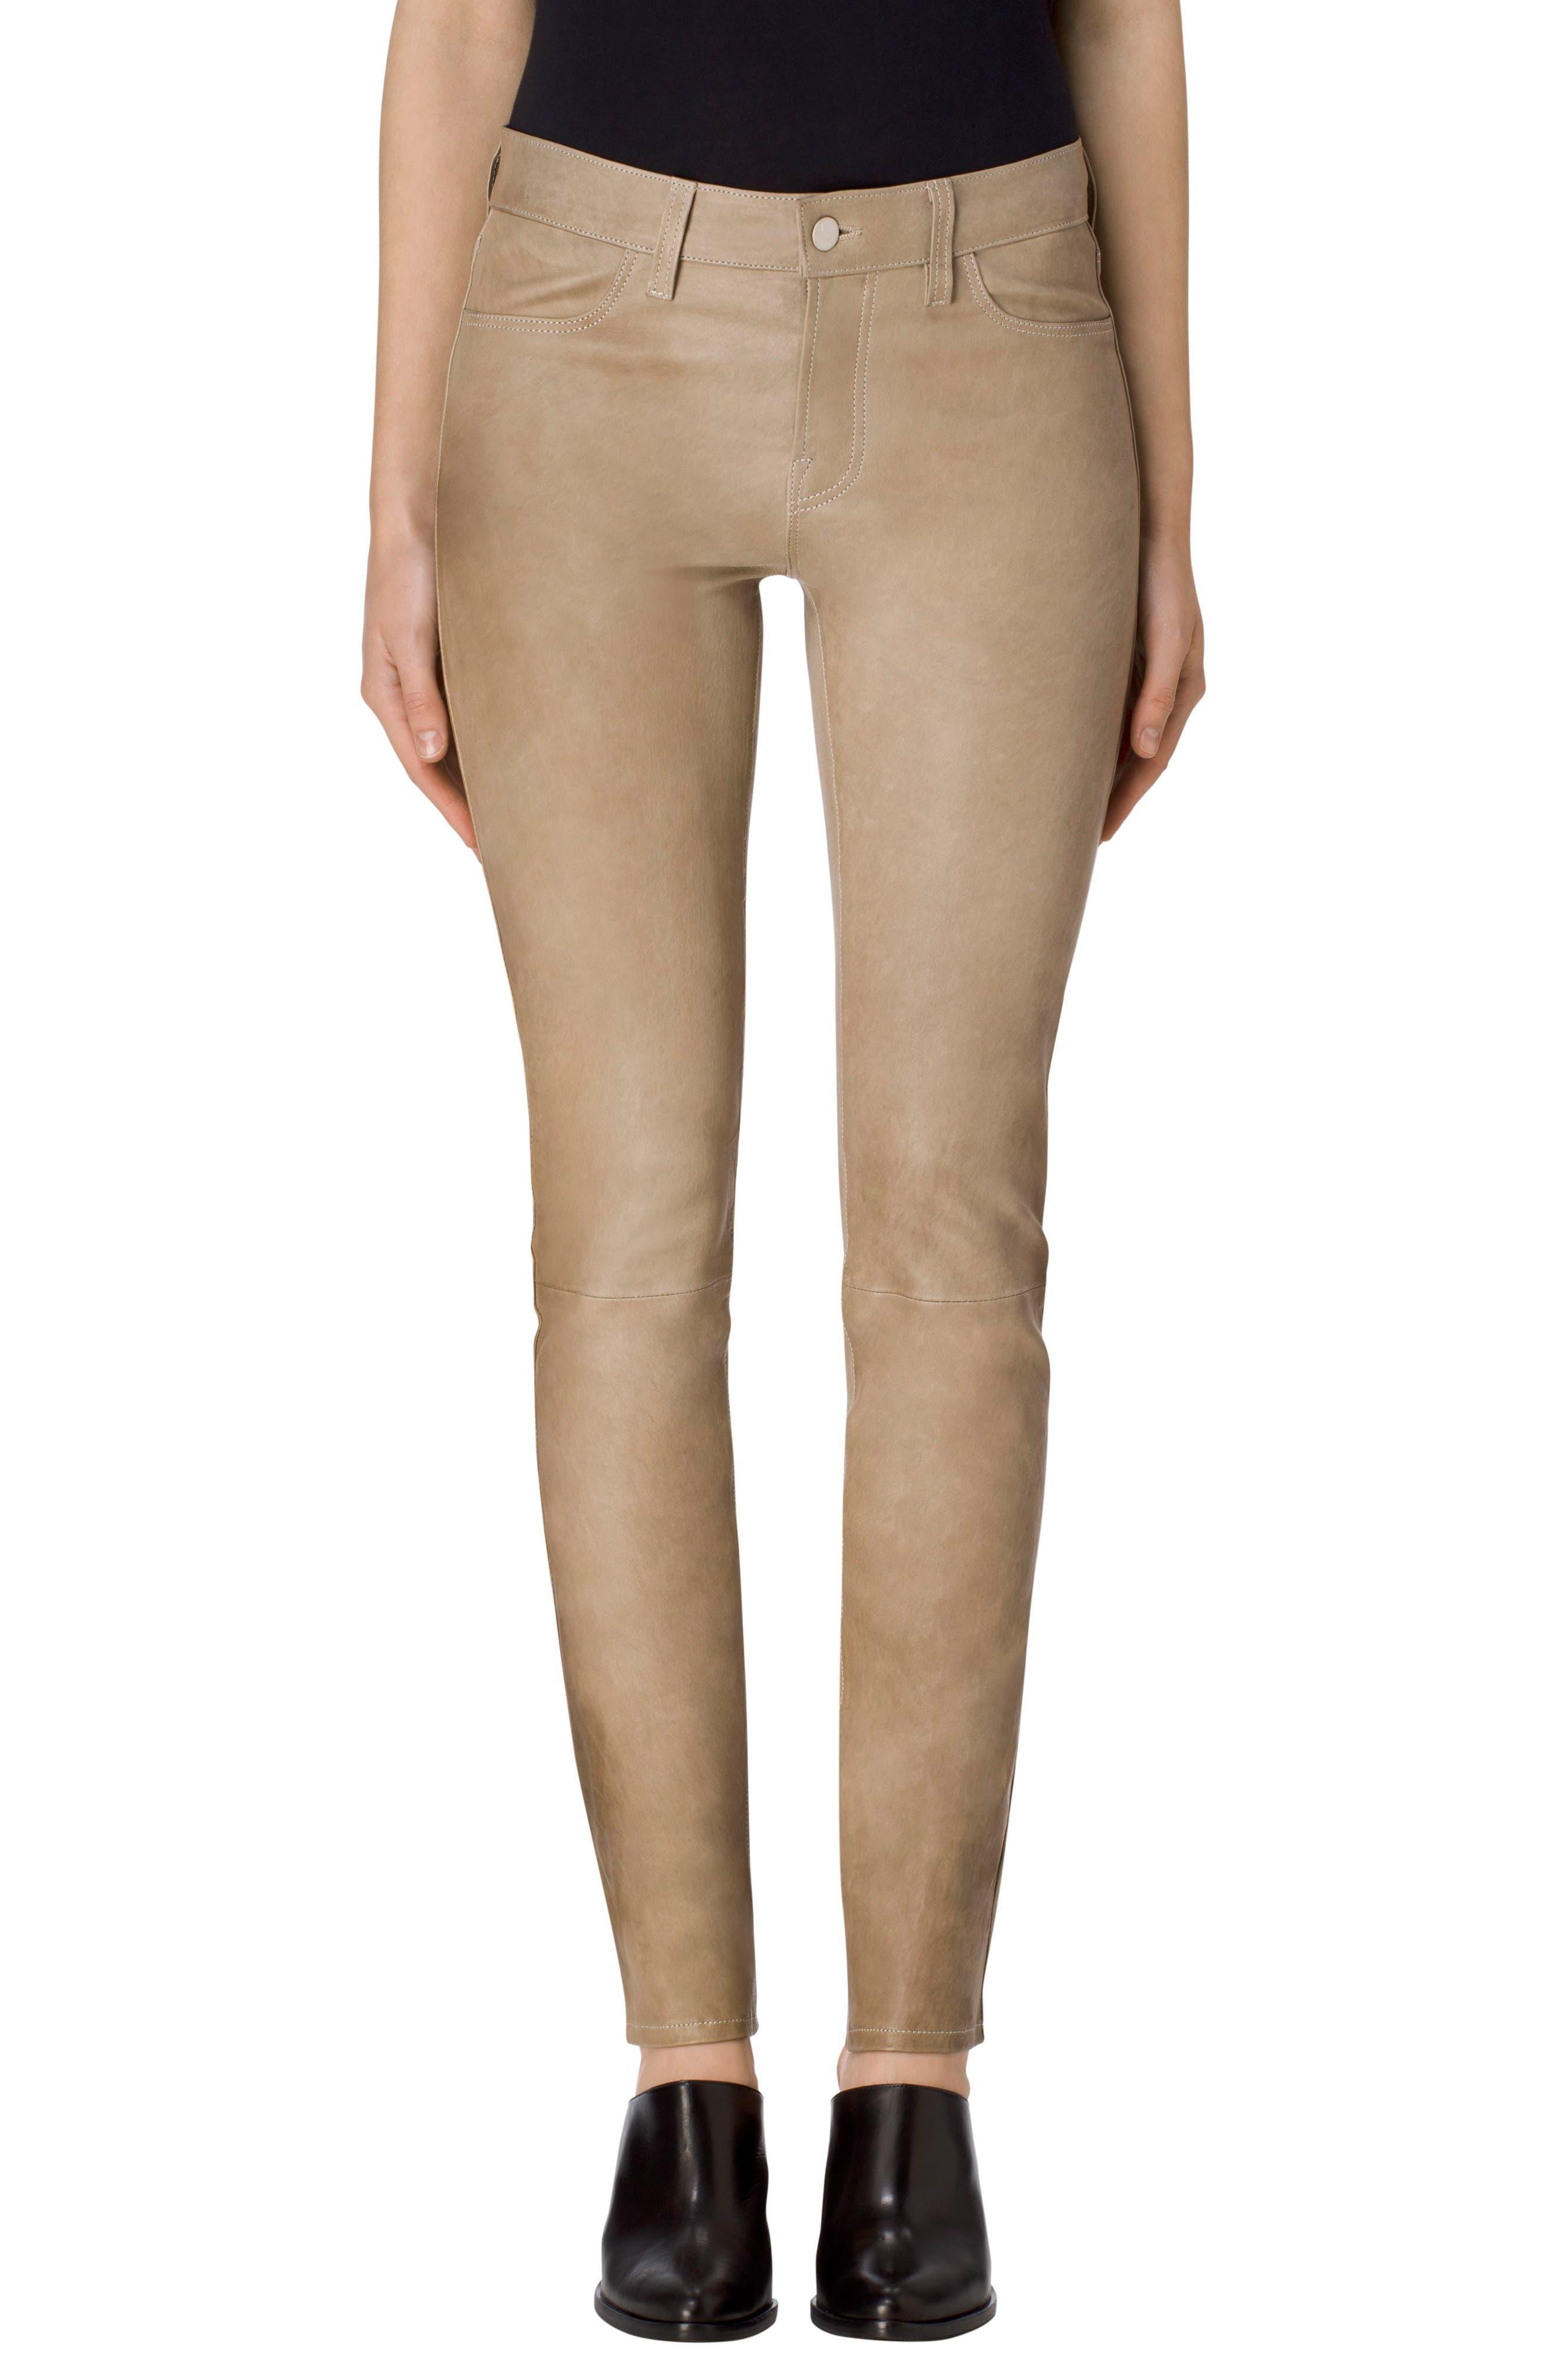 Maude Leather Cigarette Pants,                         Main,                         color, Leaden